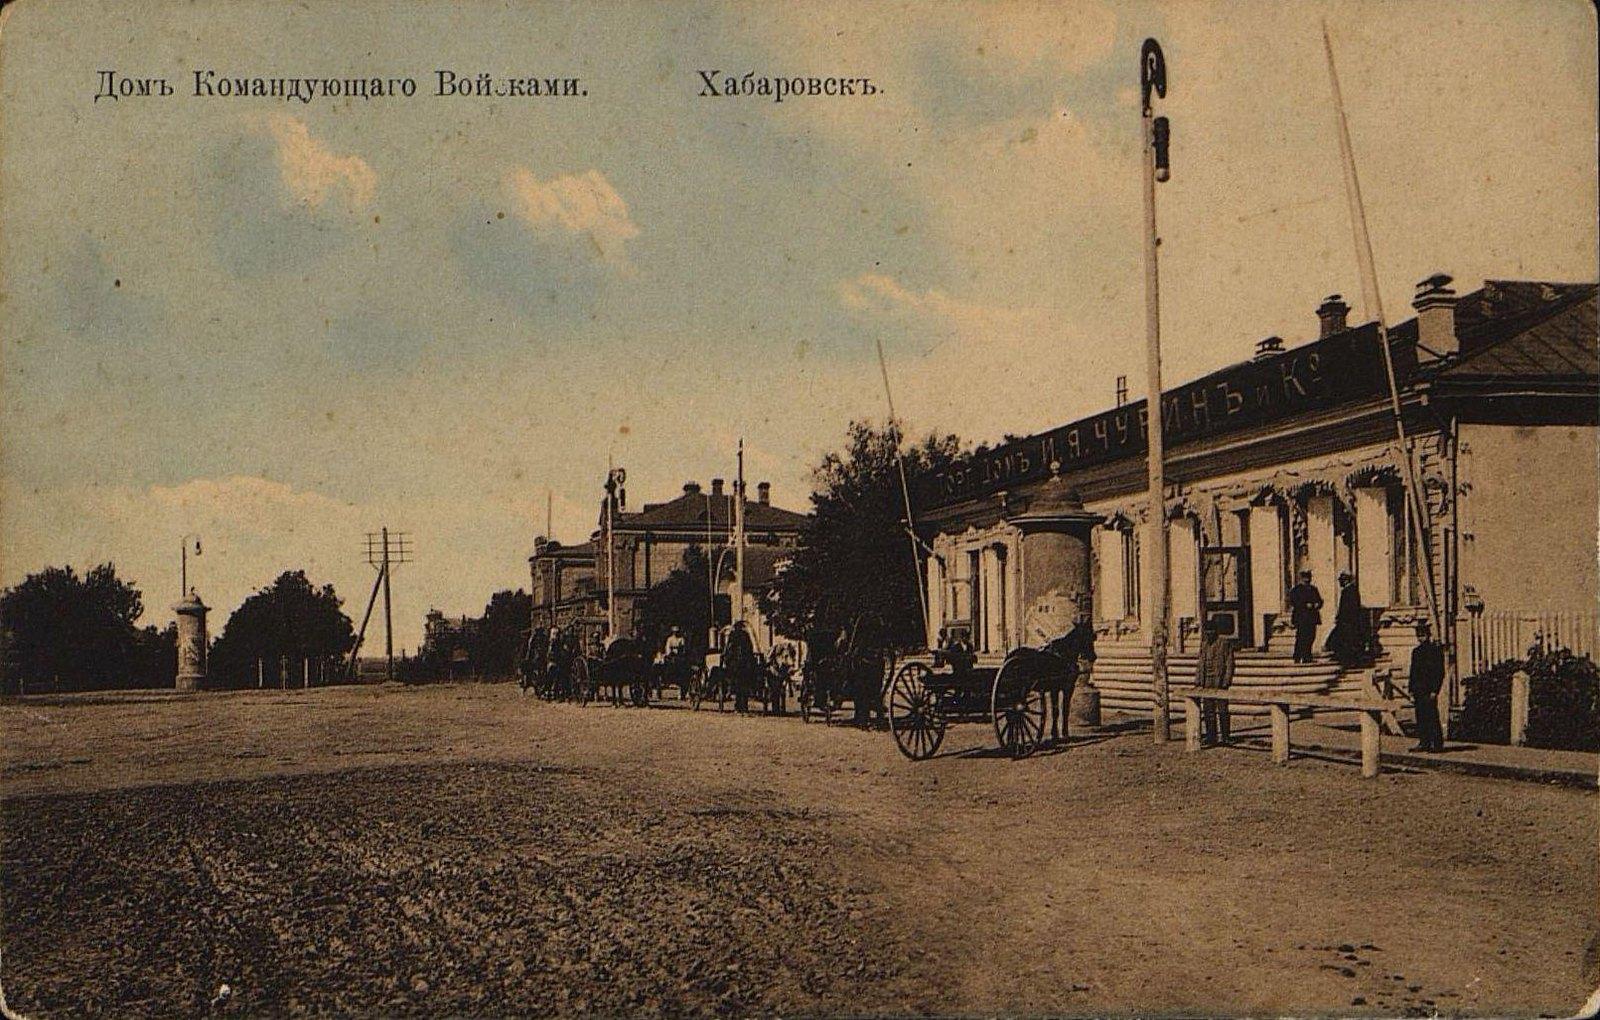 08. Дом командующего войсками